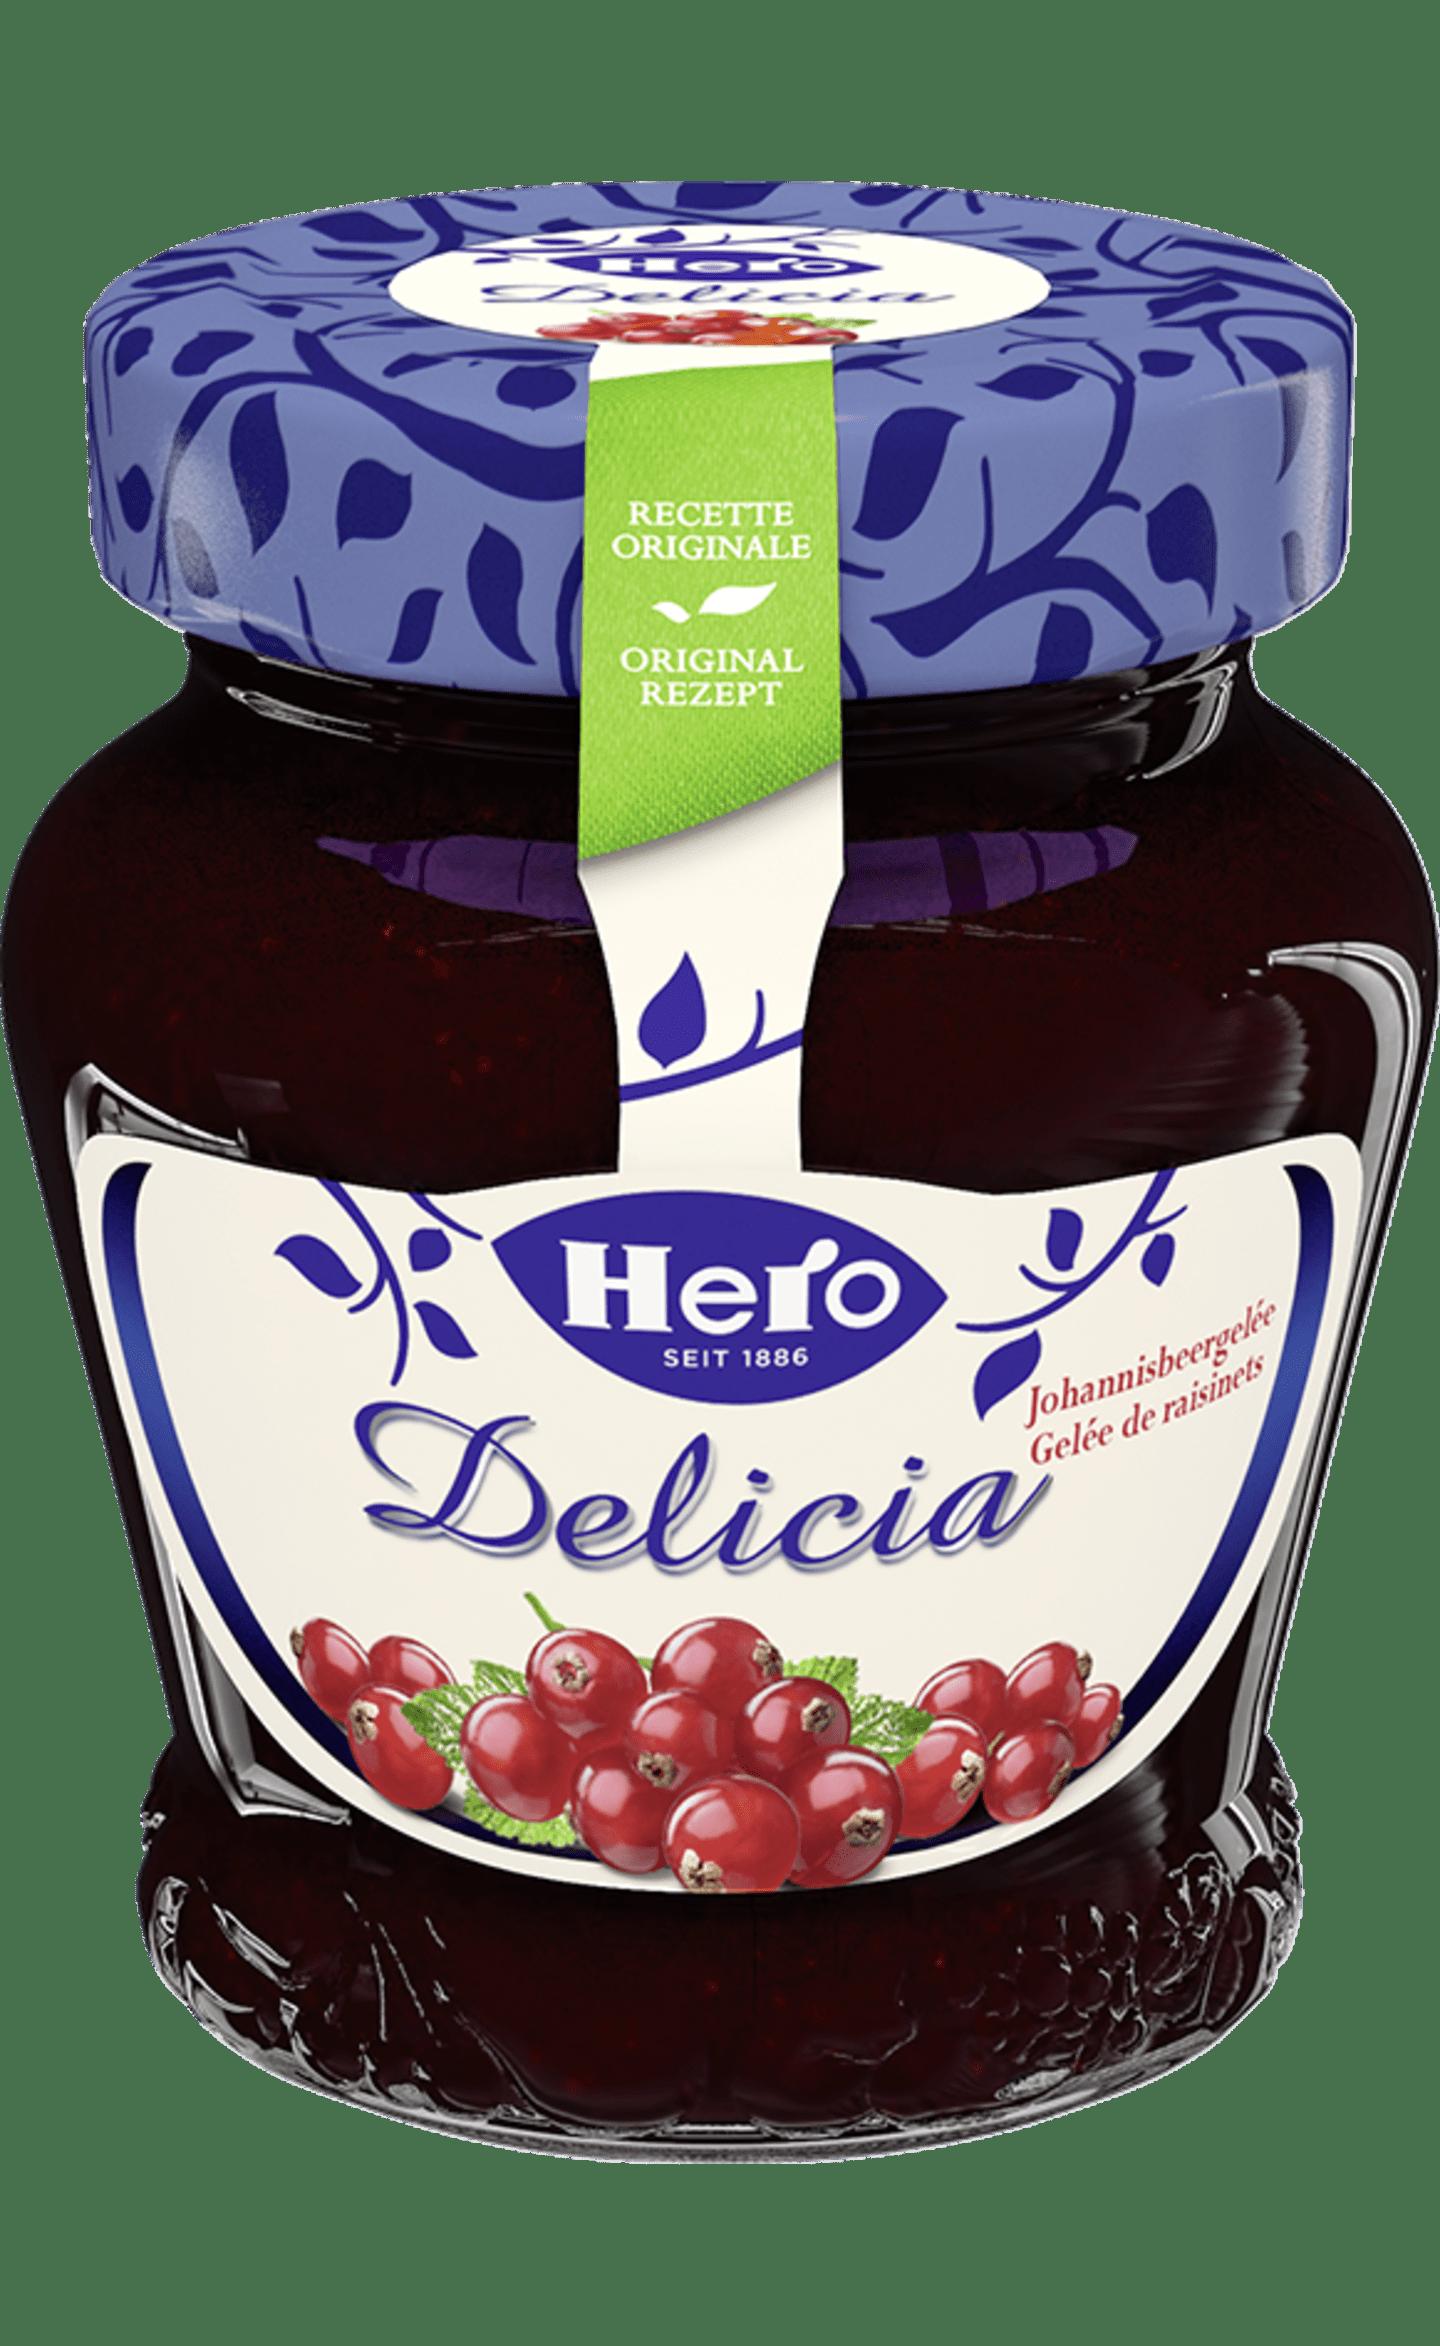 Hero Delicia Konfitüre | Johannisbeere